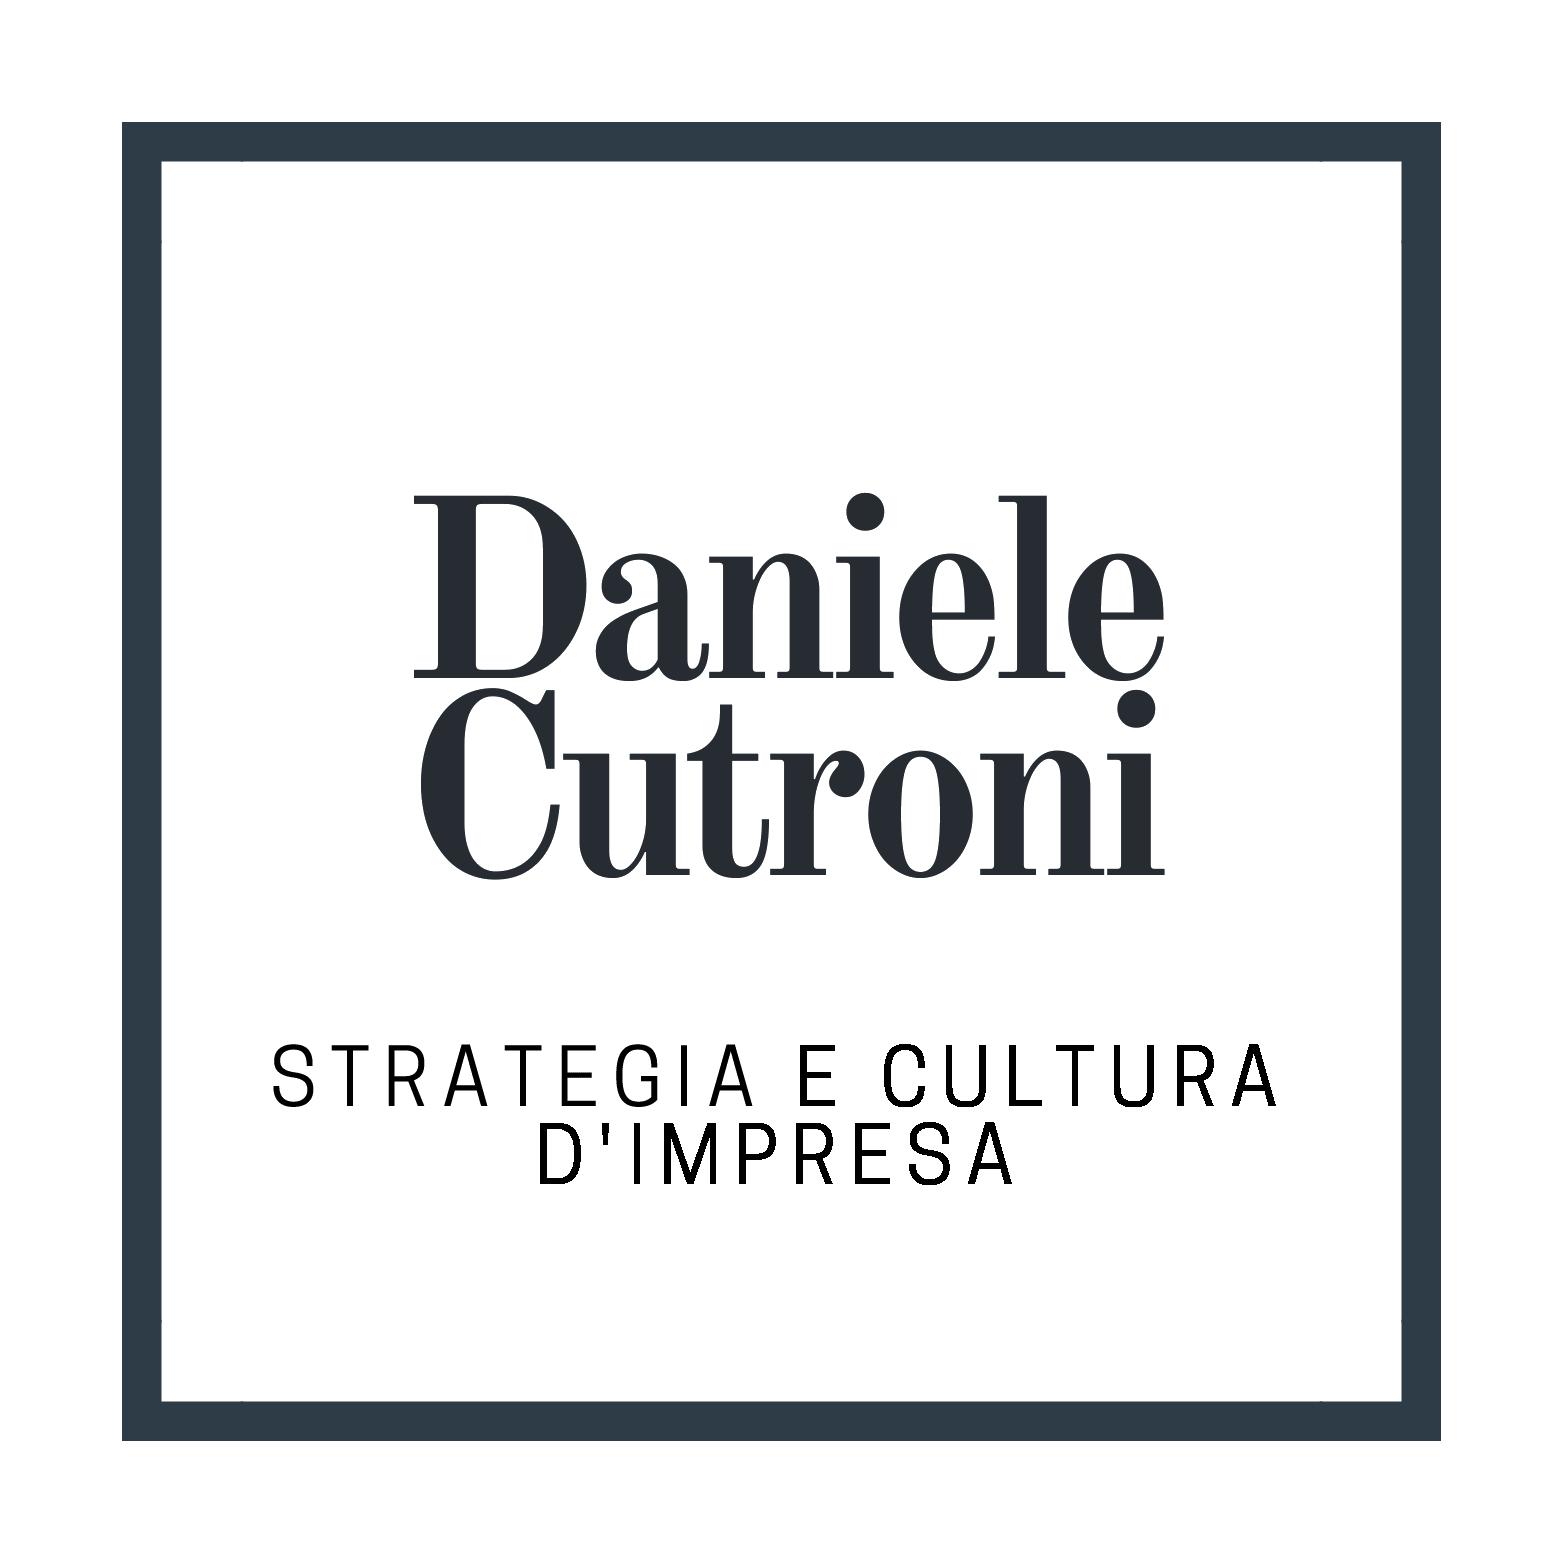 Danielecutroni